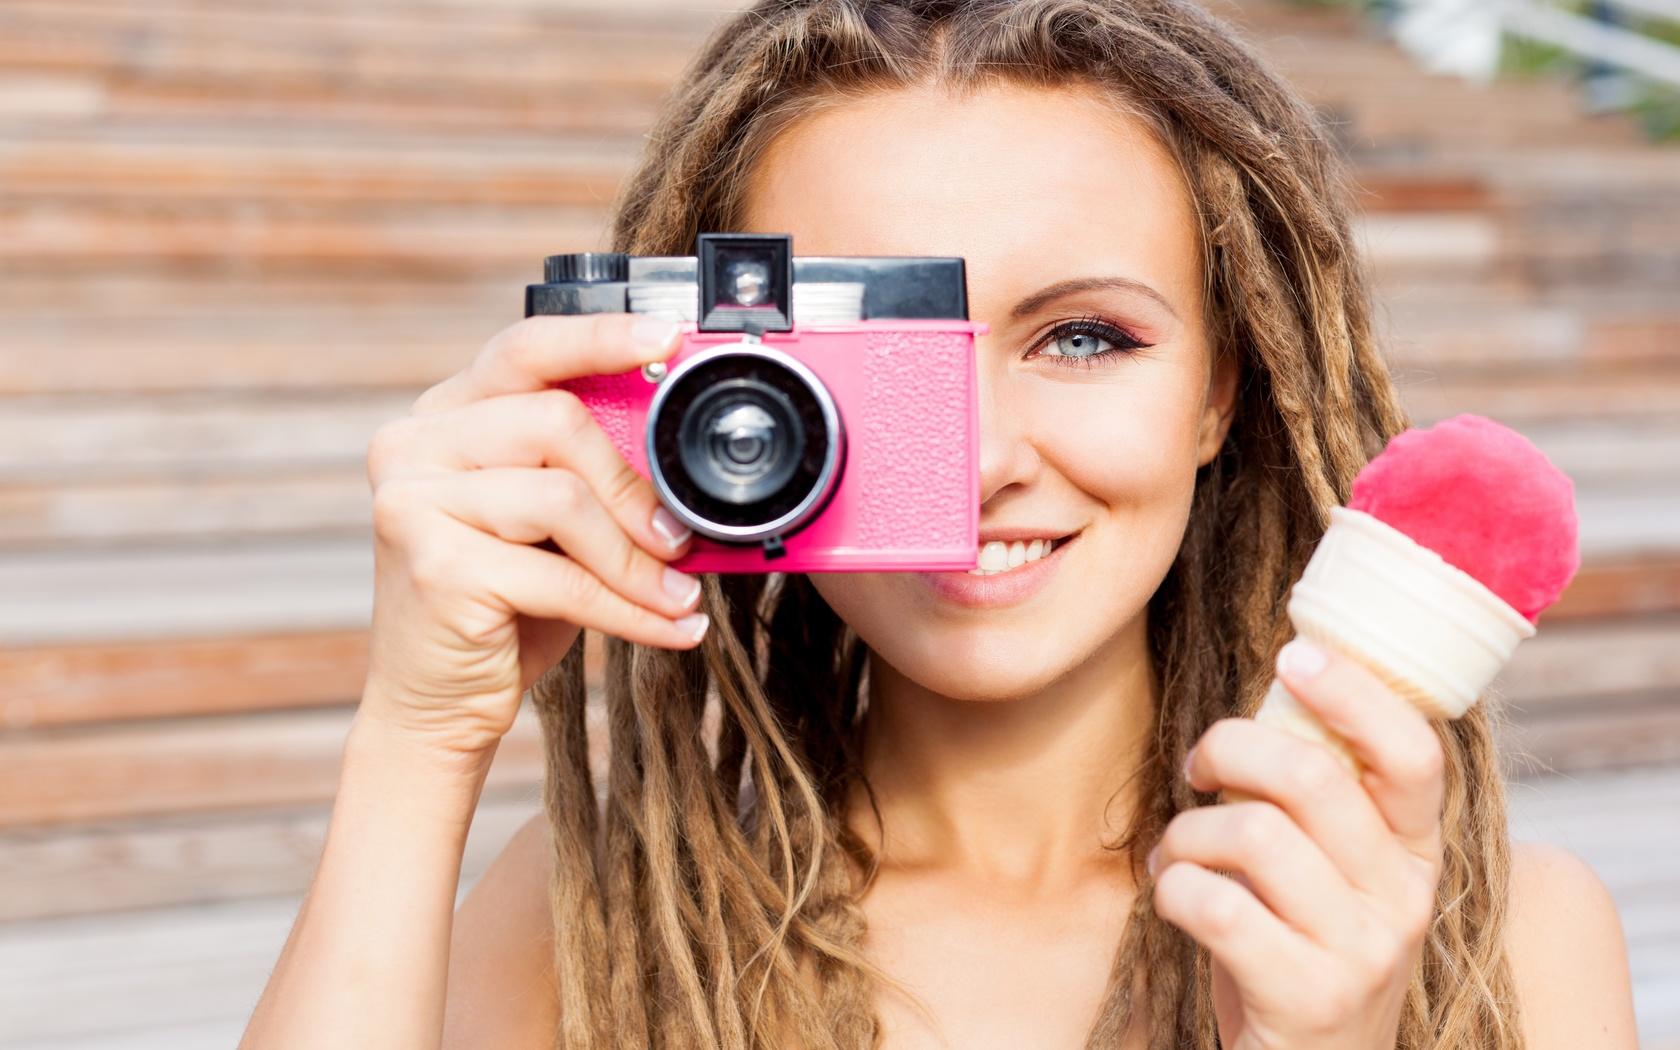 Основы фотографирования для начинающих греби, хочешь